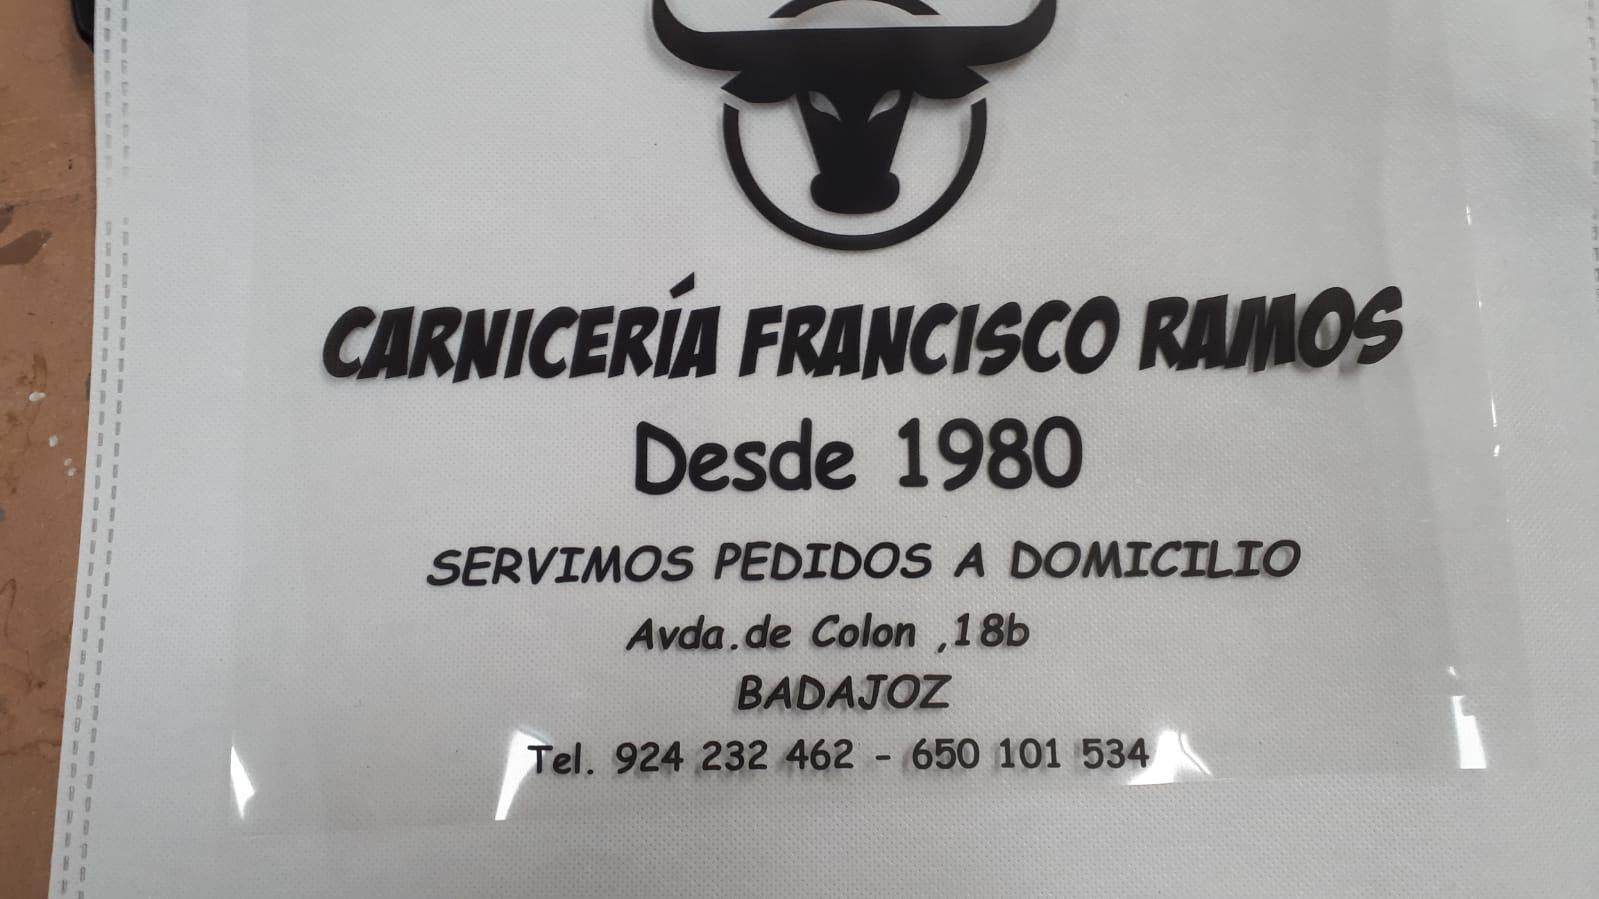 Carniceria Francisco Ramos